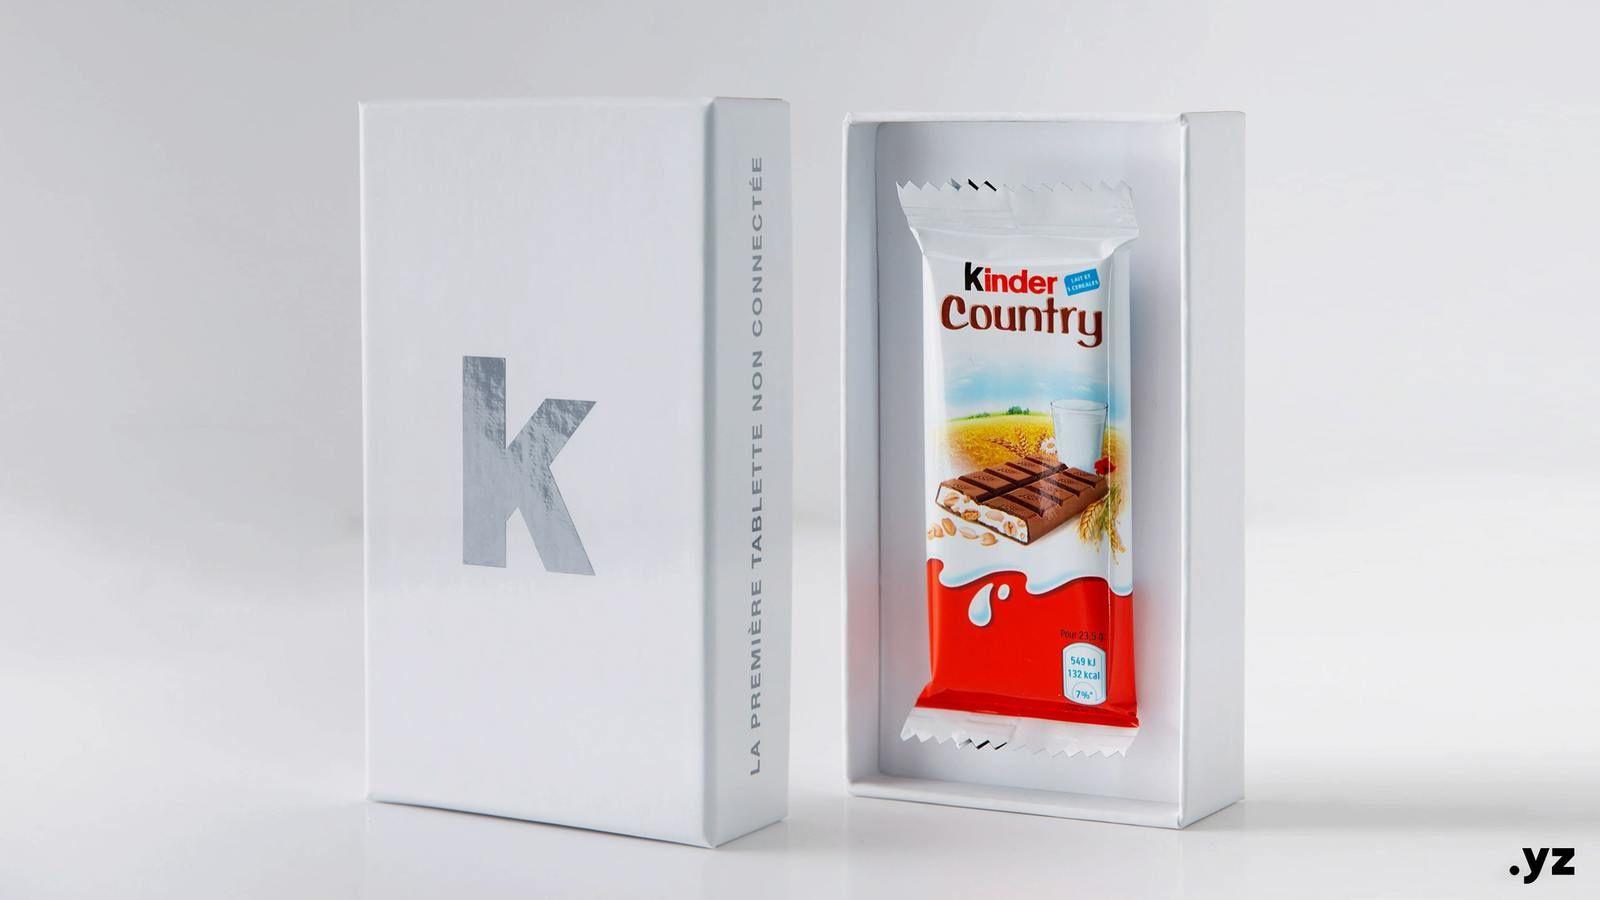 Innovation technologique : Kinder Country dévoile la première tablette non-connectée